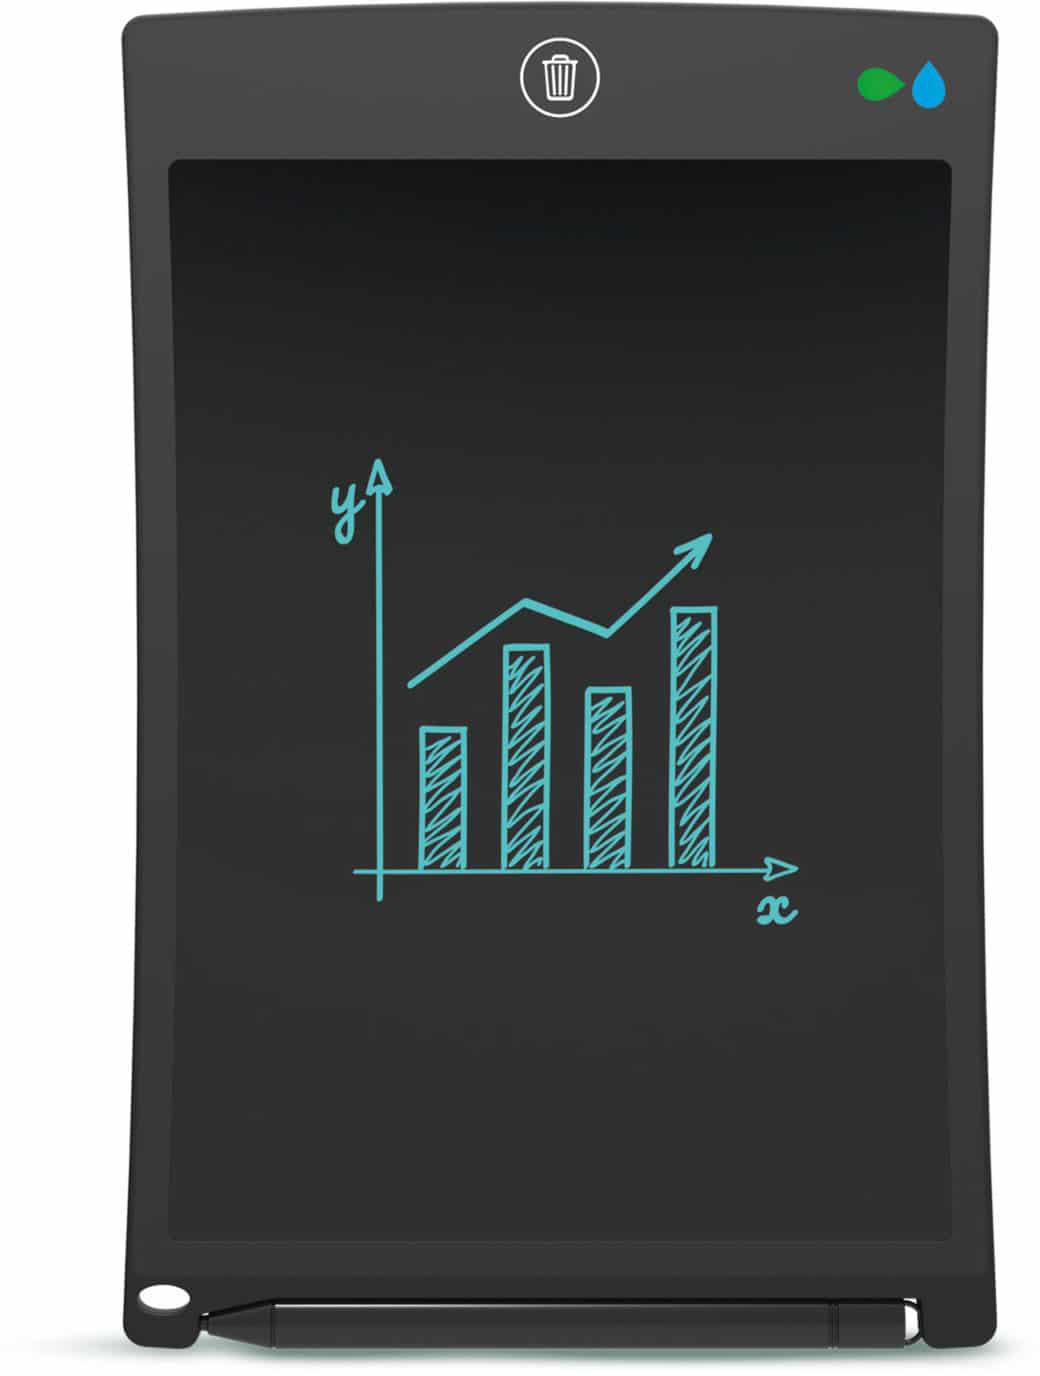 Купить планшет для рисования Назад к истокам Pic-Pad Business Mini PPBM (Black), цены в Москве на sbermegamarket.ru